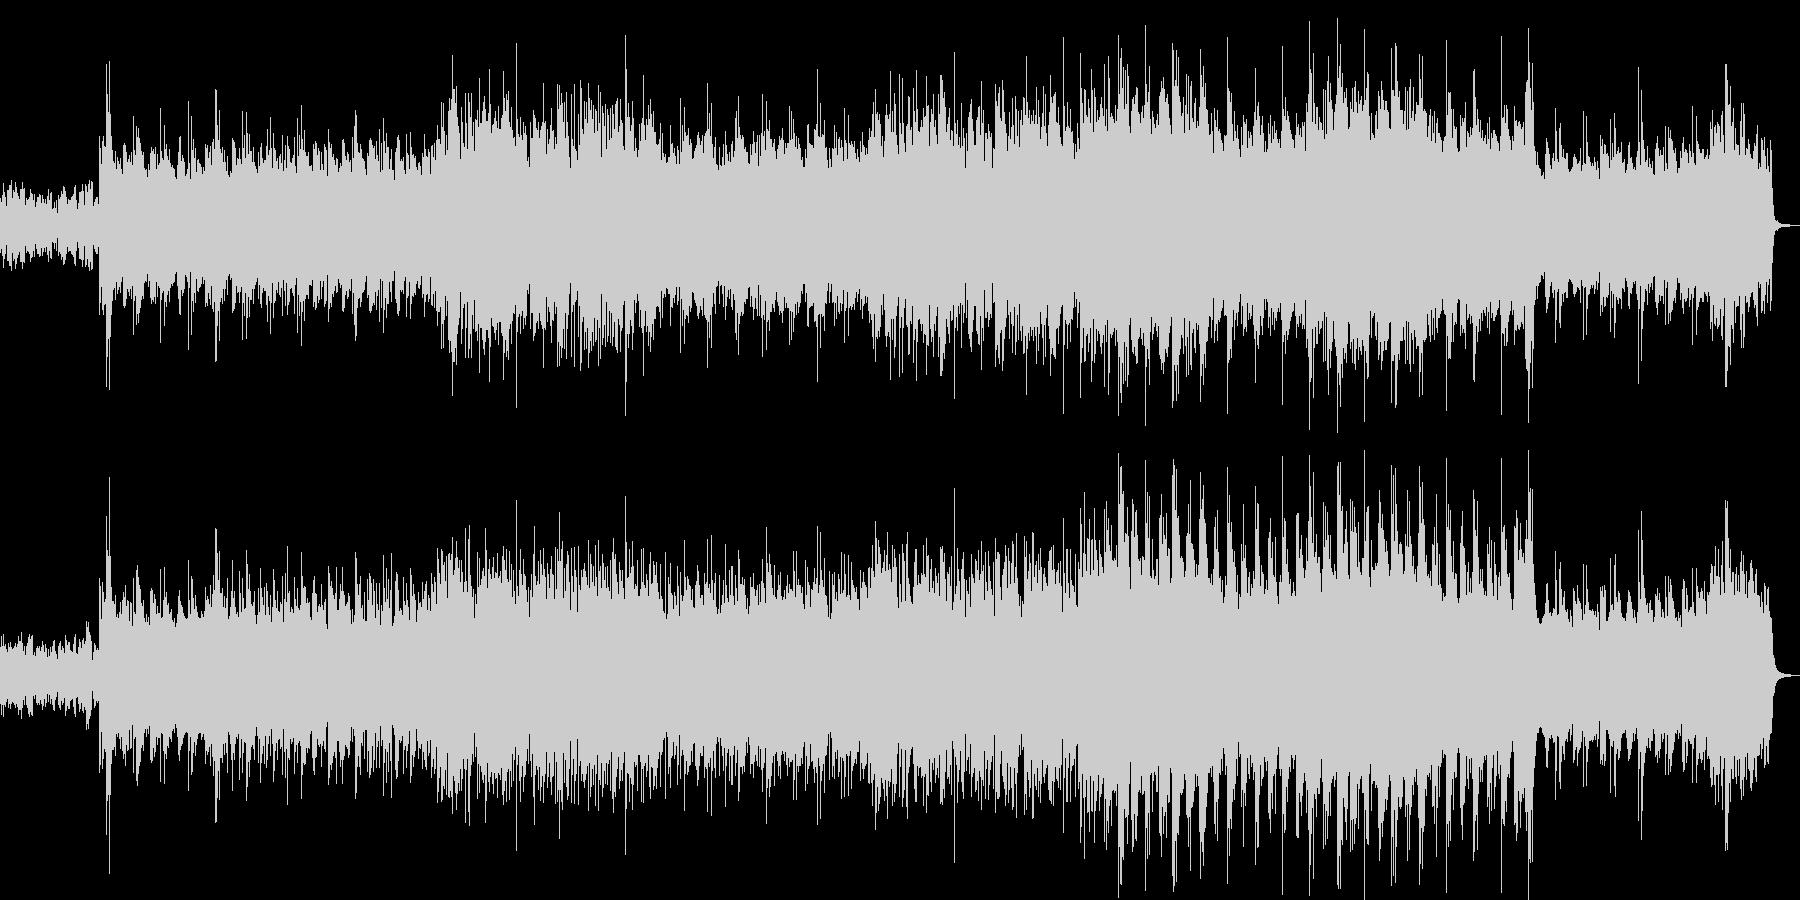 笛・箏・打楽器の和風リラクゼーション音楽の未再生の波形